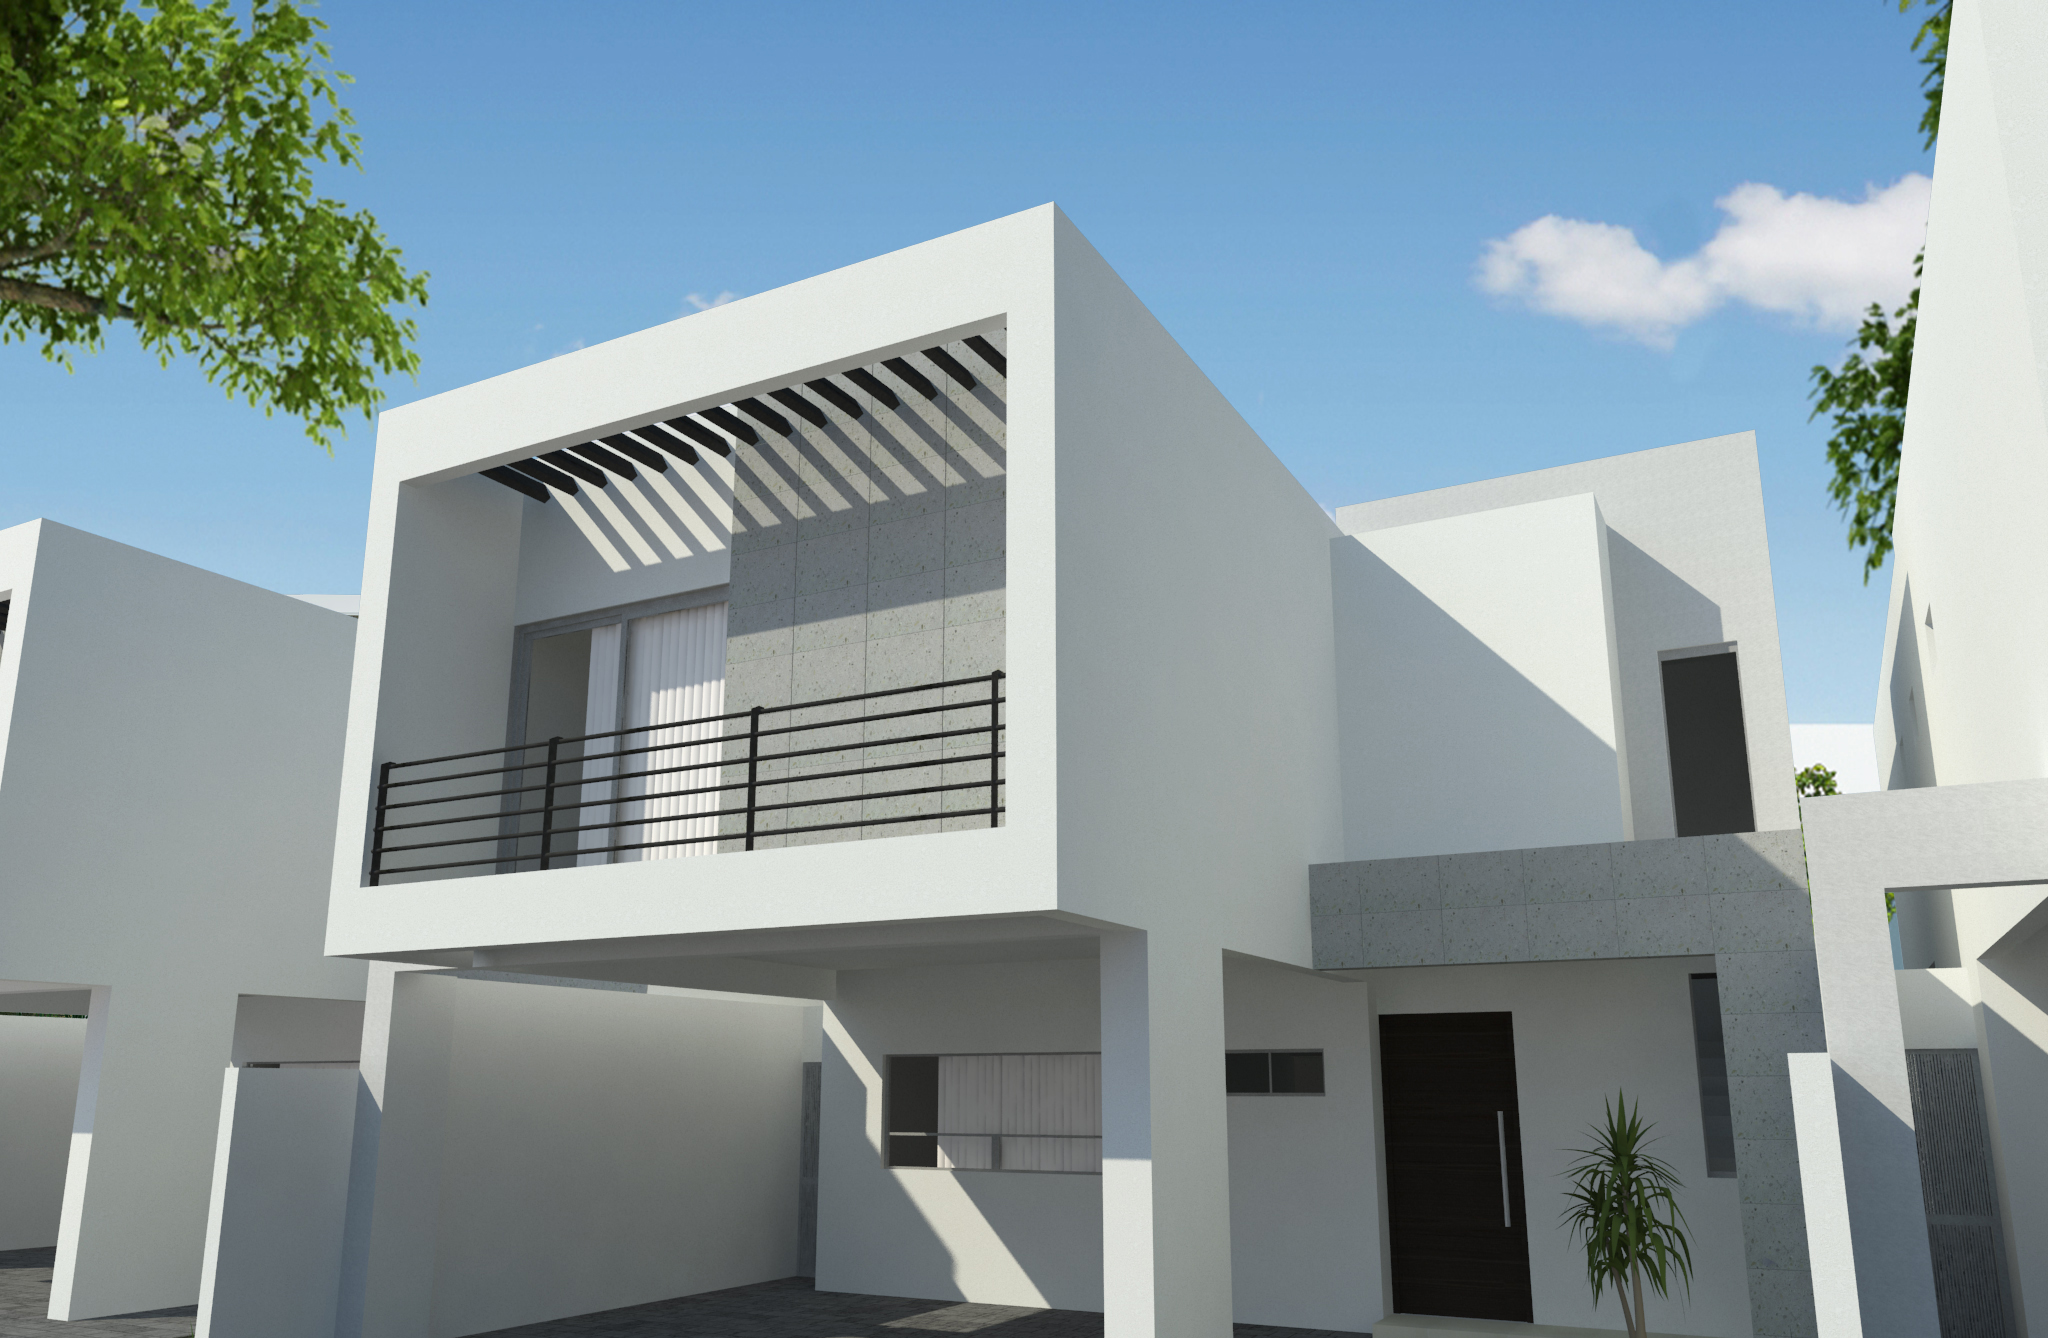 Casa brunello frente 02 casas en venta